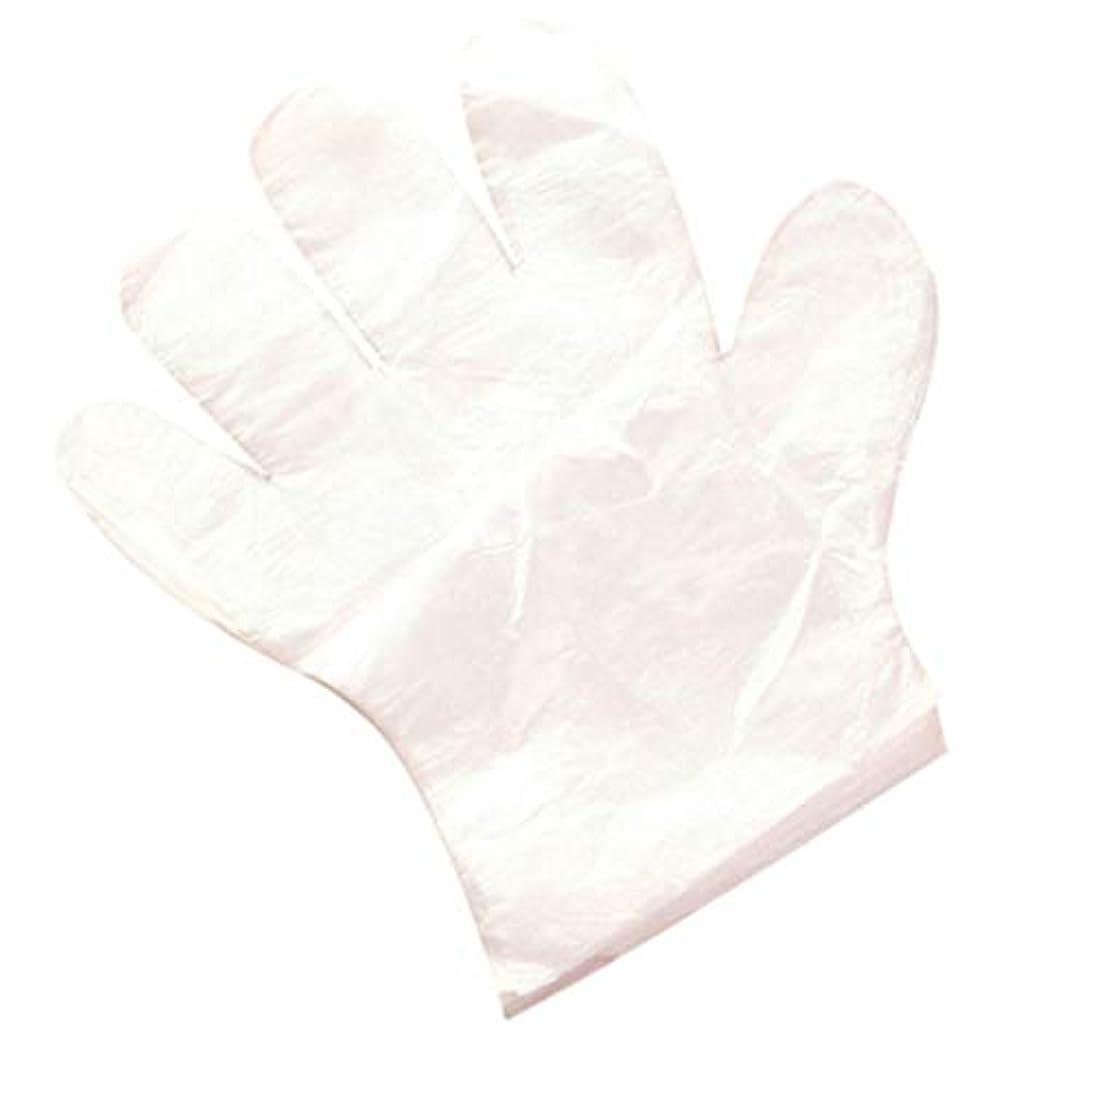 発行するかすれた正しい家庭用家庭の清掃および衛生用使い捨て手袋を食べる使い捨て手袋 (UnitCount : 500only)